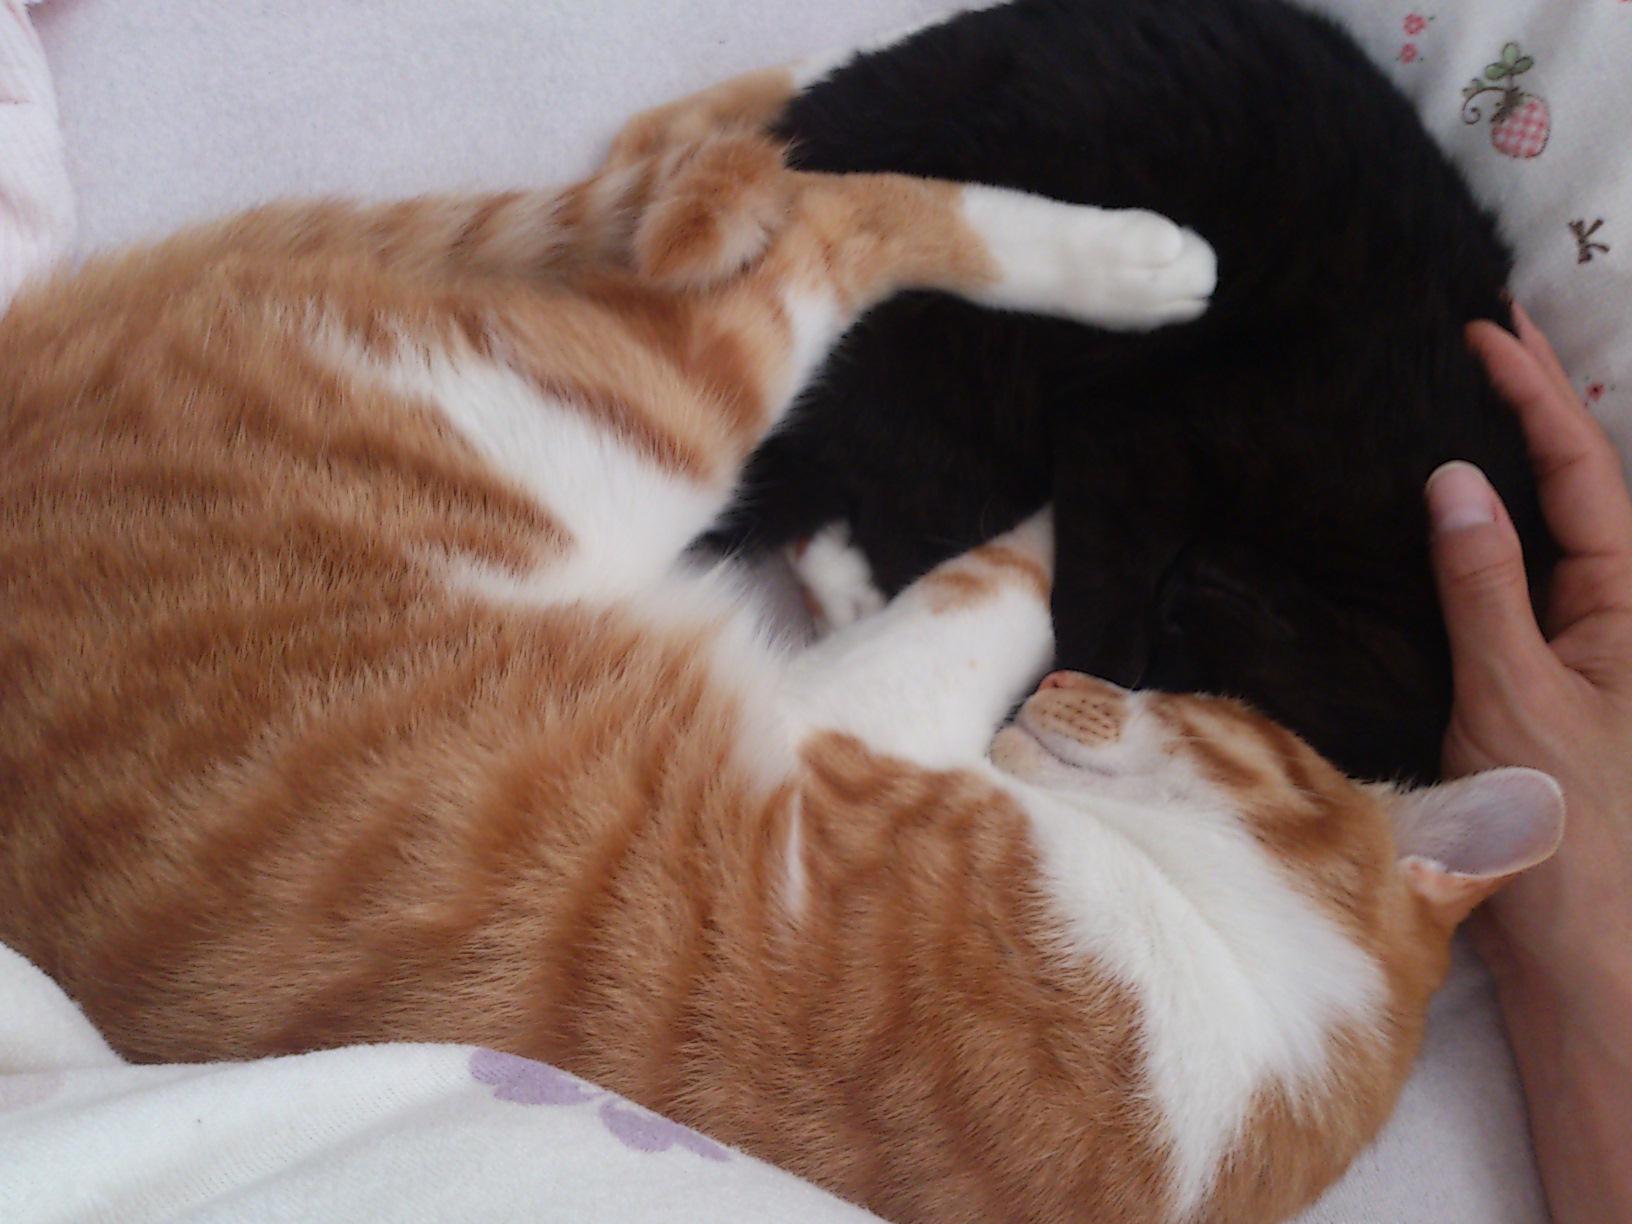 真面目な猫ブログ_c0159762_15503217.jpg